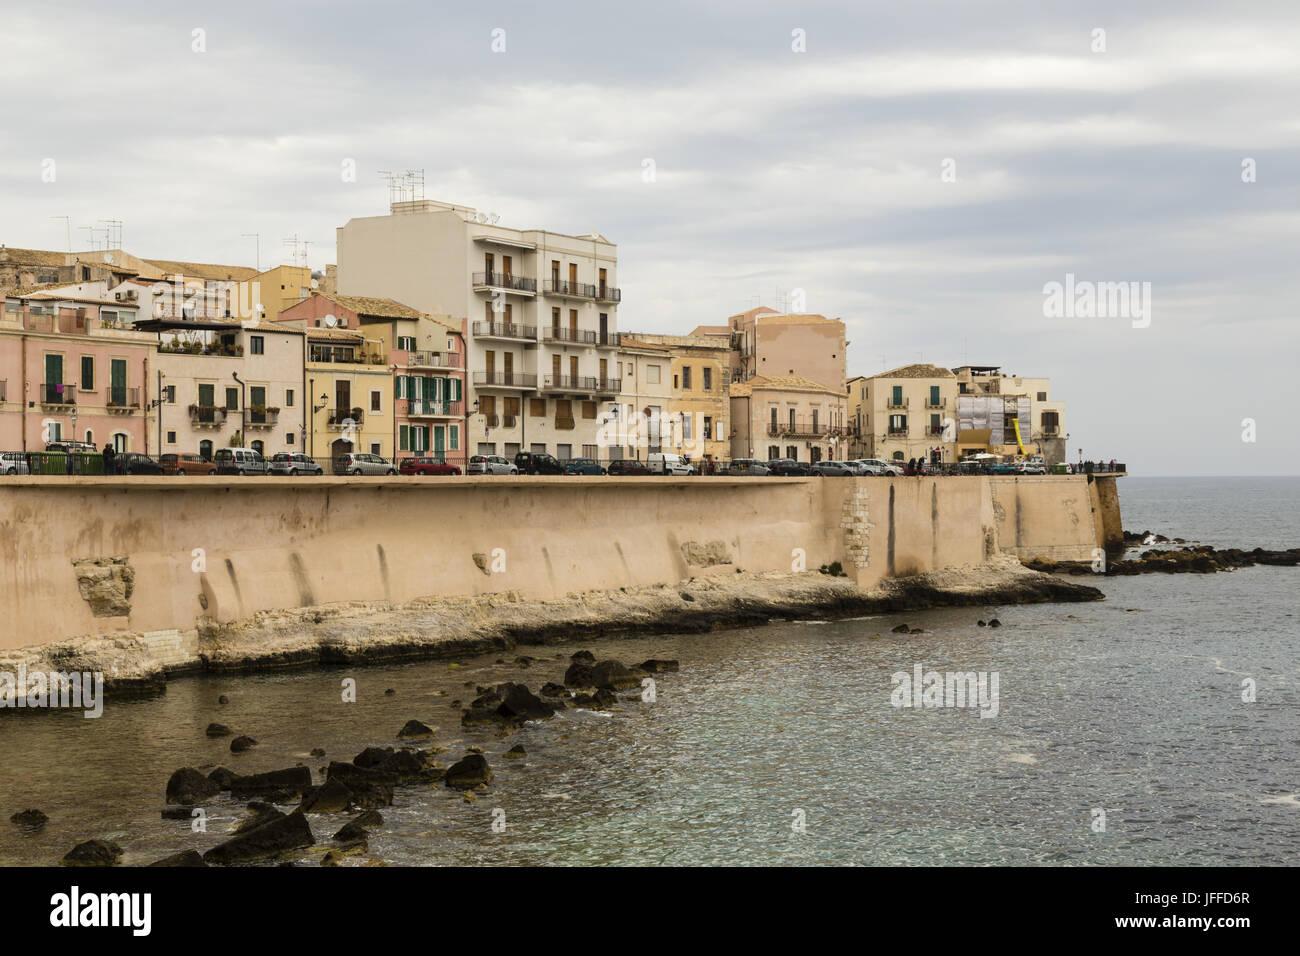 Casco antiguo de la ciudad de Siracusa (Sicilia, Italia) Imagen De Stock